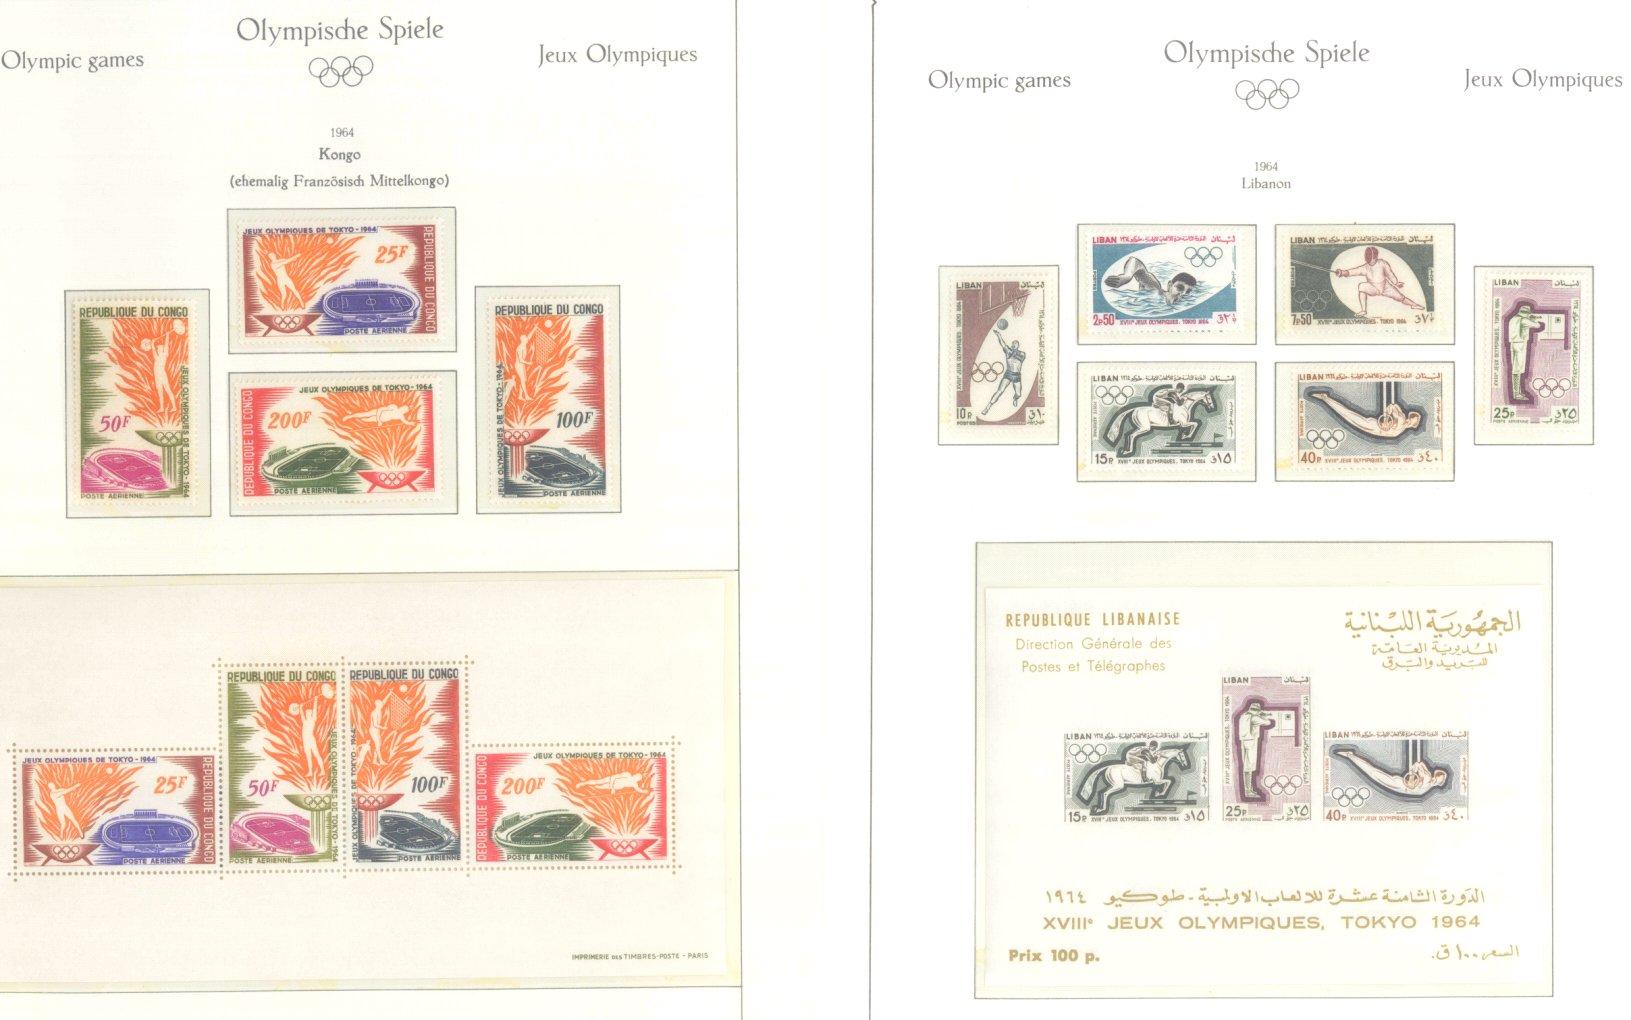 OLYMPISCHE SPIELE 1964 TOKIO, postfrische Sammlung Teil 1-38